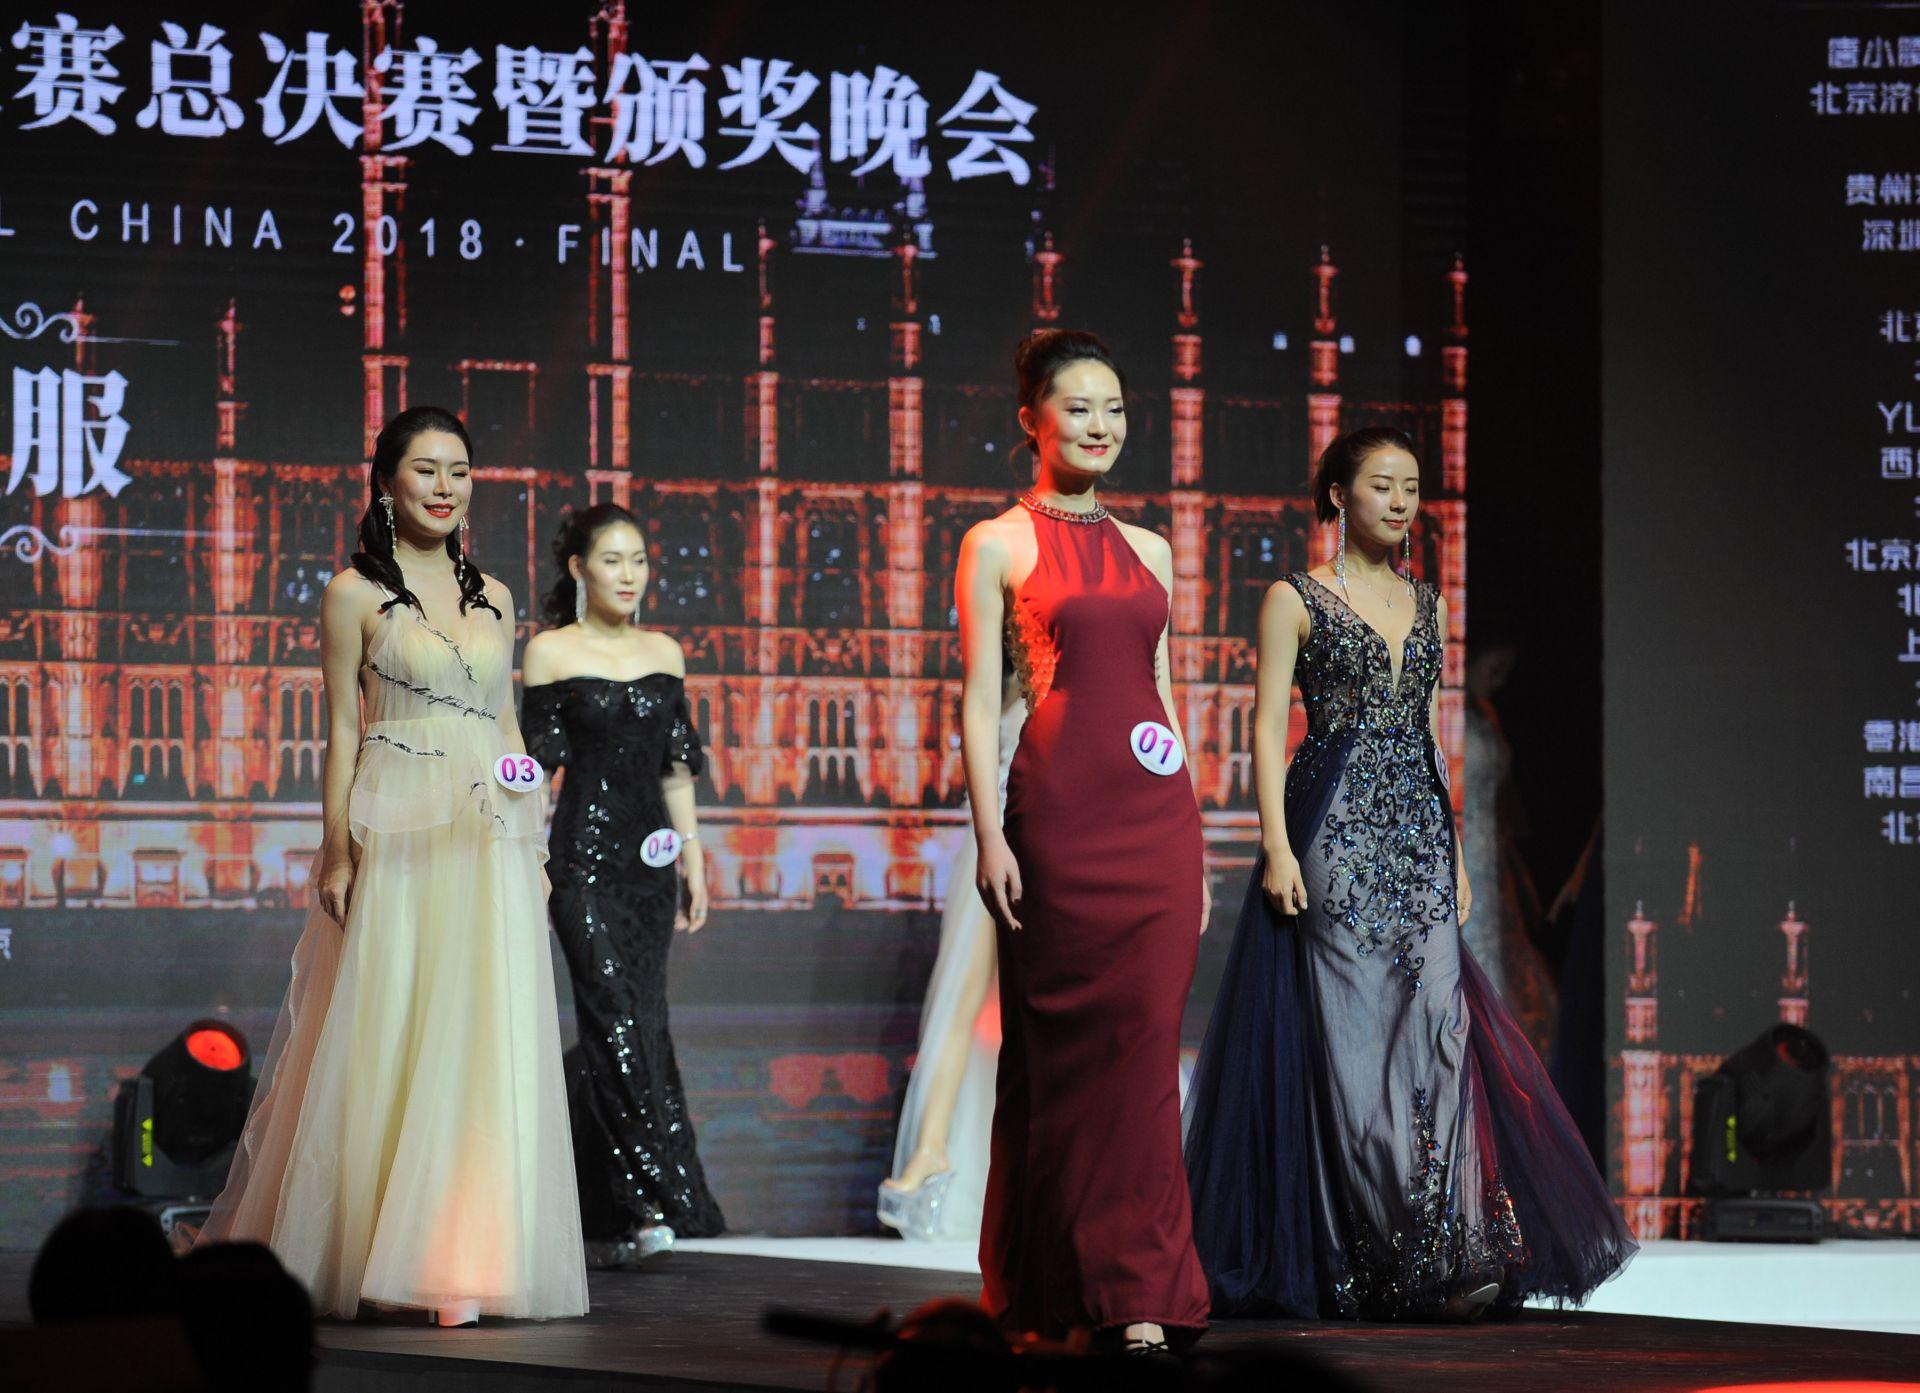 包头新闻网第47届洲际小姐中国大赛总决赛在京举行